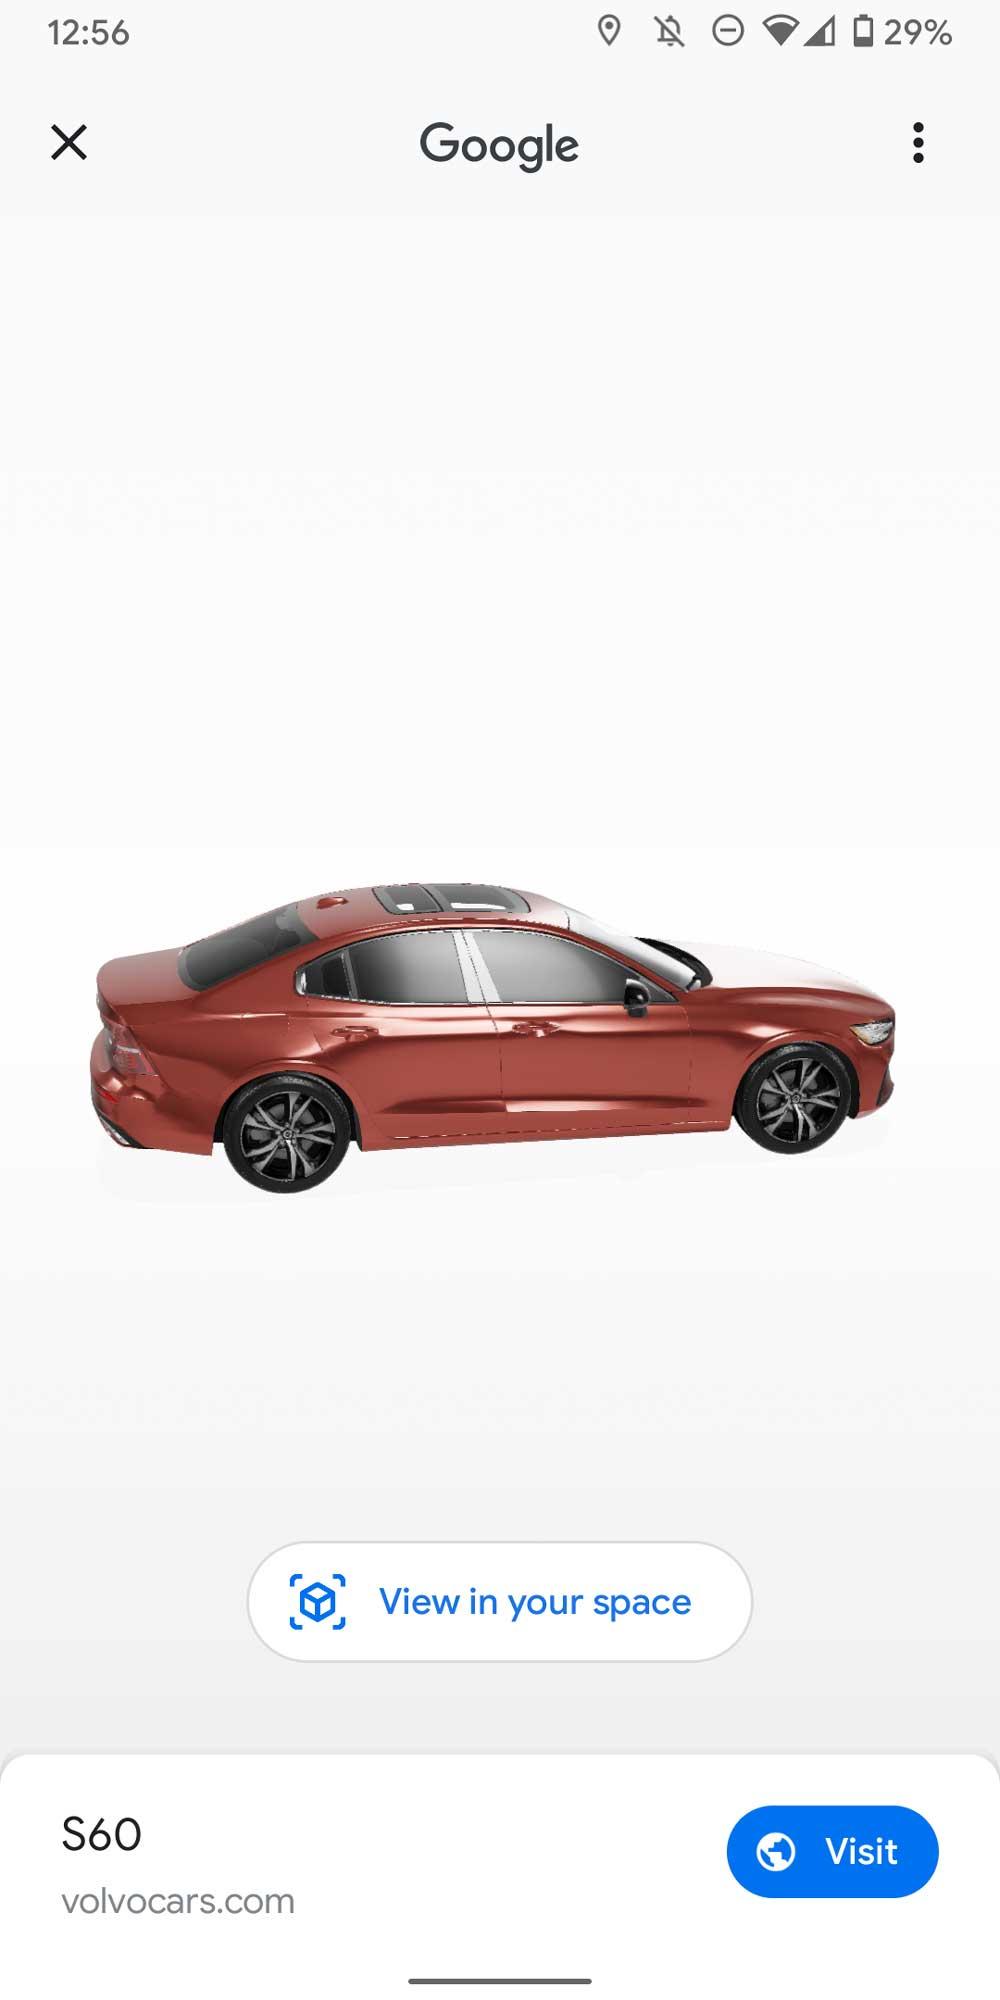 In den USA kann man schon 3D-Volvos in den Suchergebnissen entdecken.